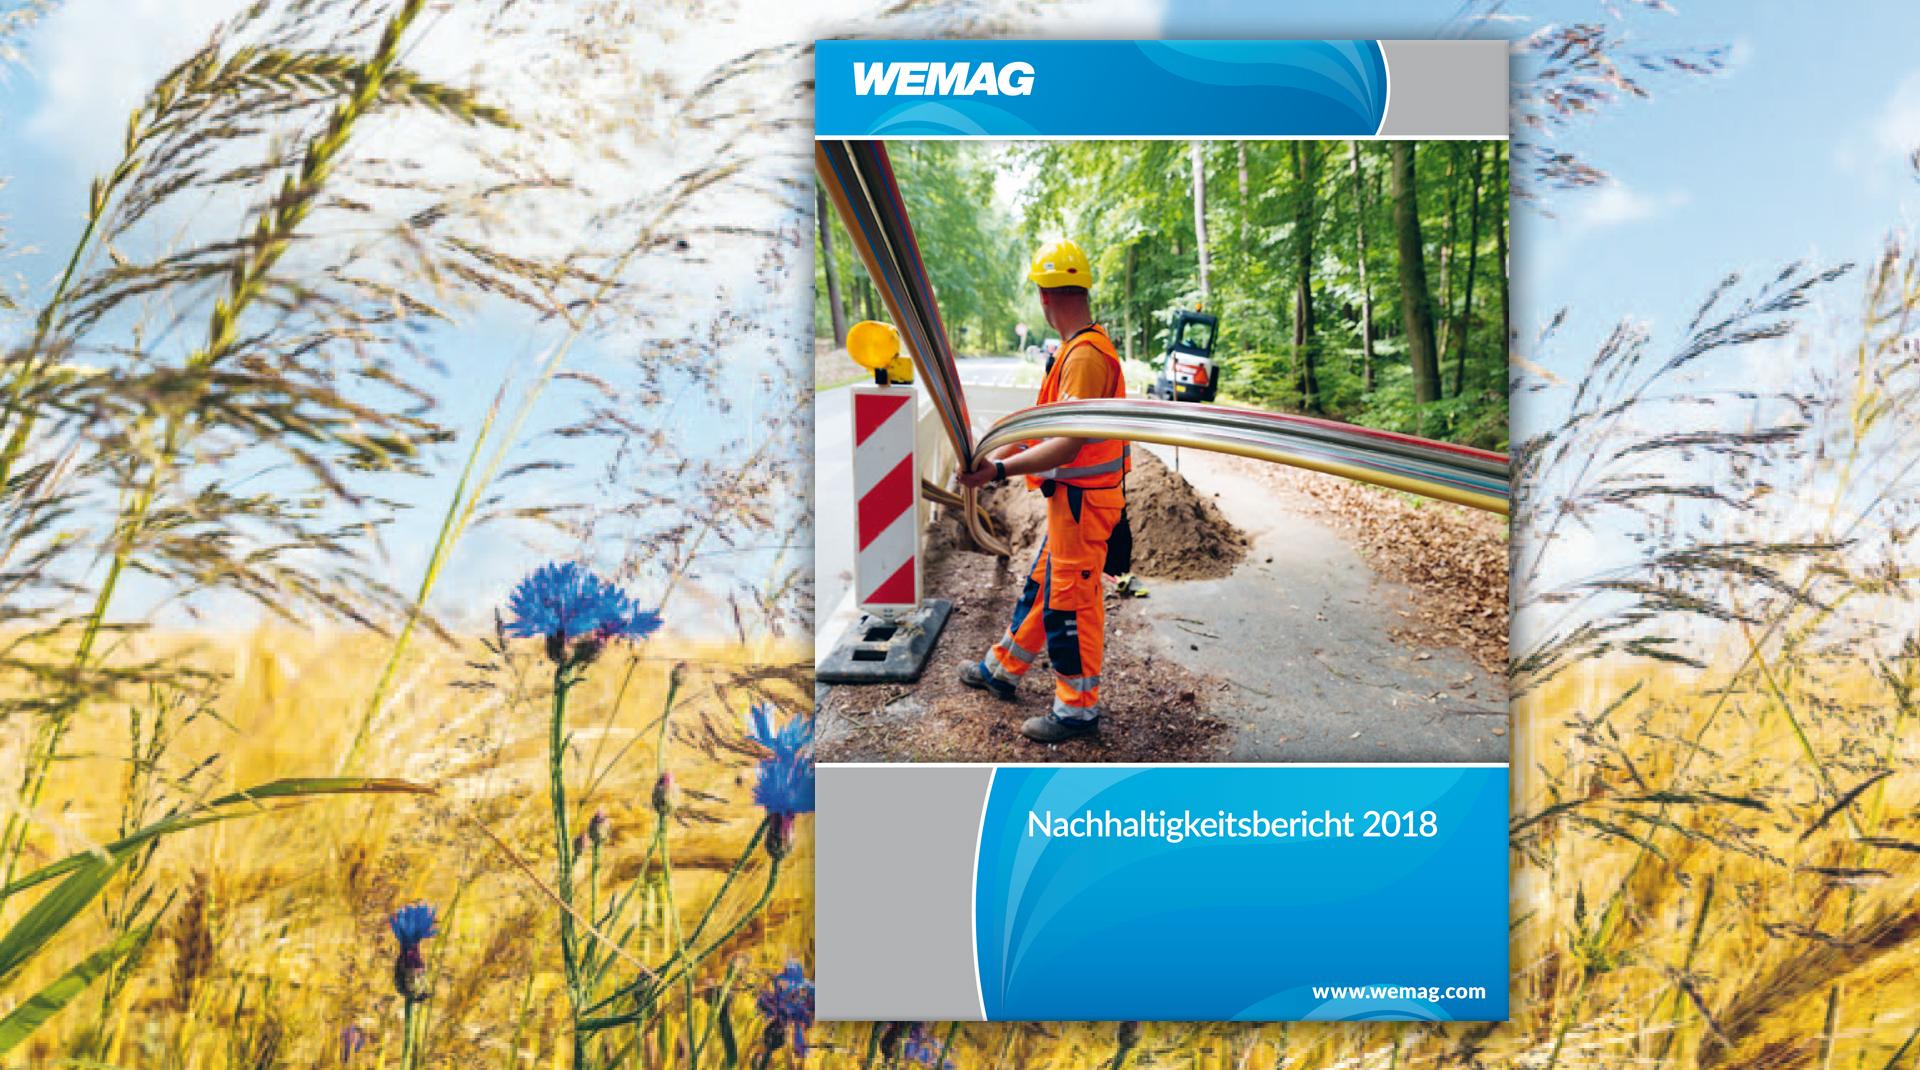 Titel-Design des WEMAG AG Nachhaltigkeitsbericht 2018